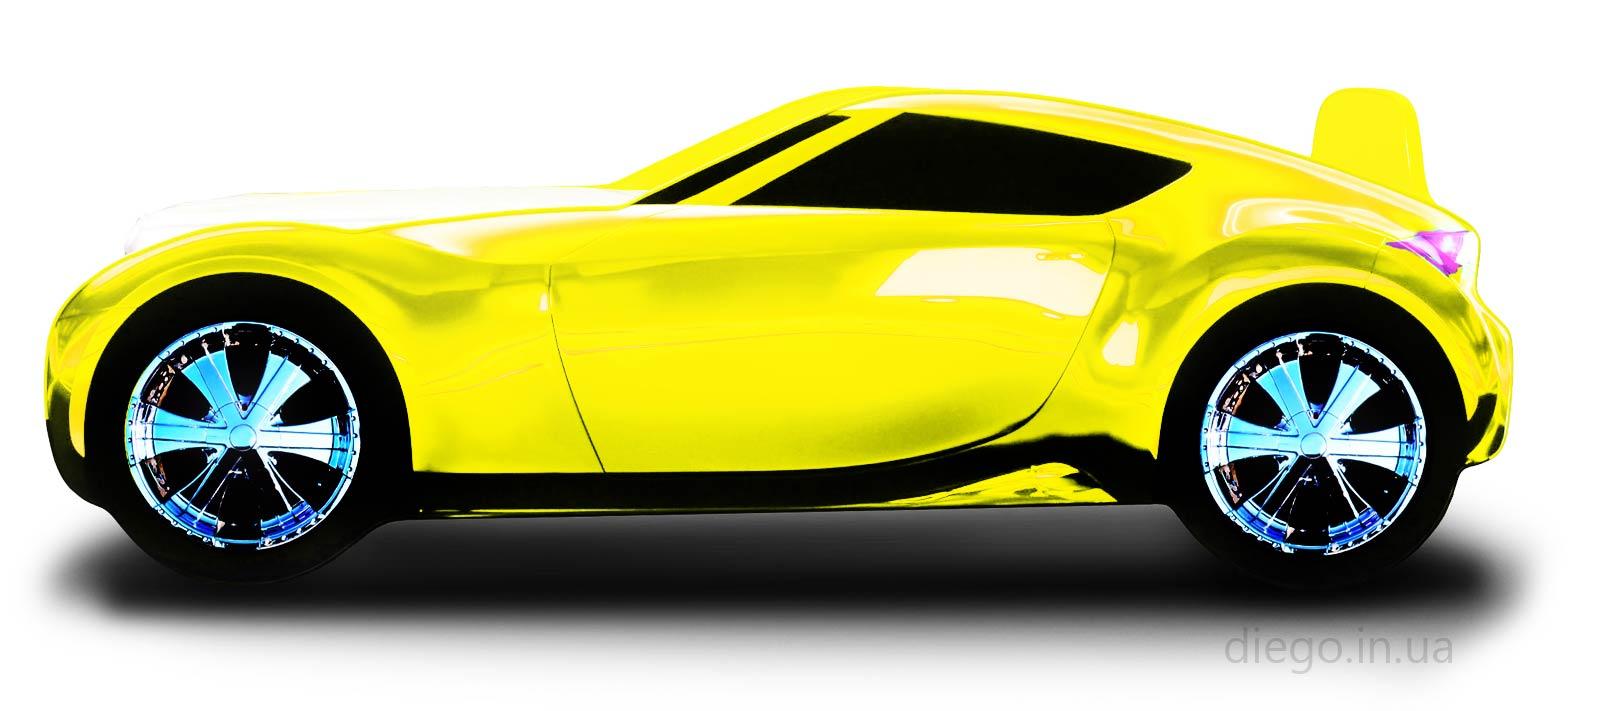 Кровать Galaxy желтого цвета